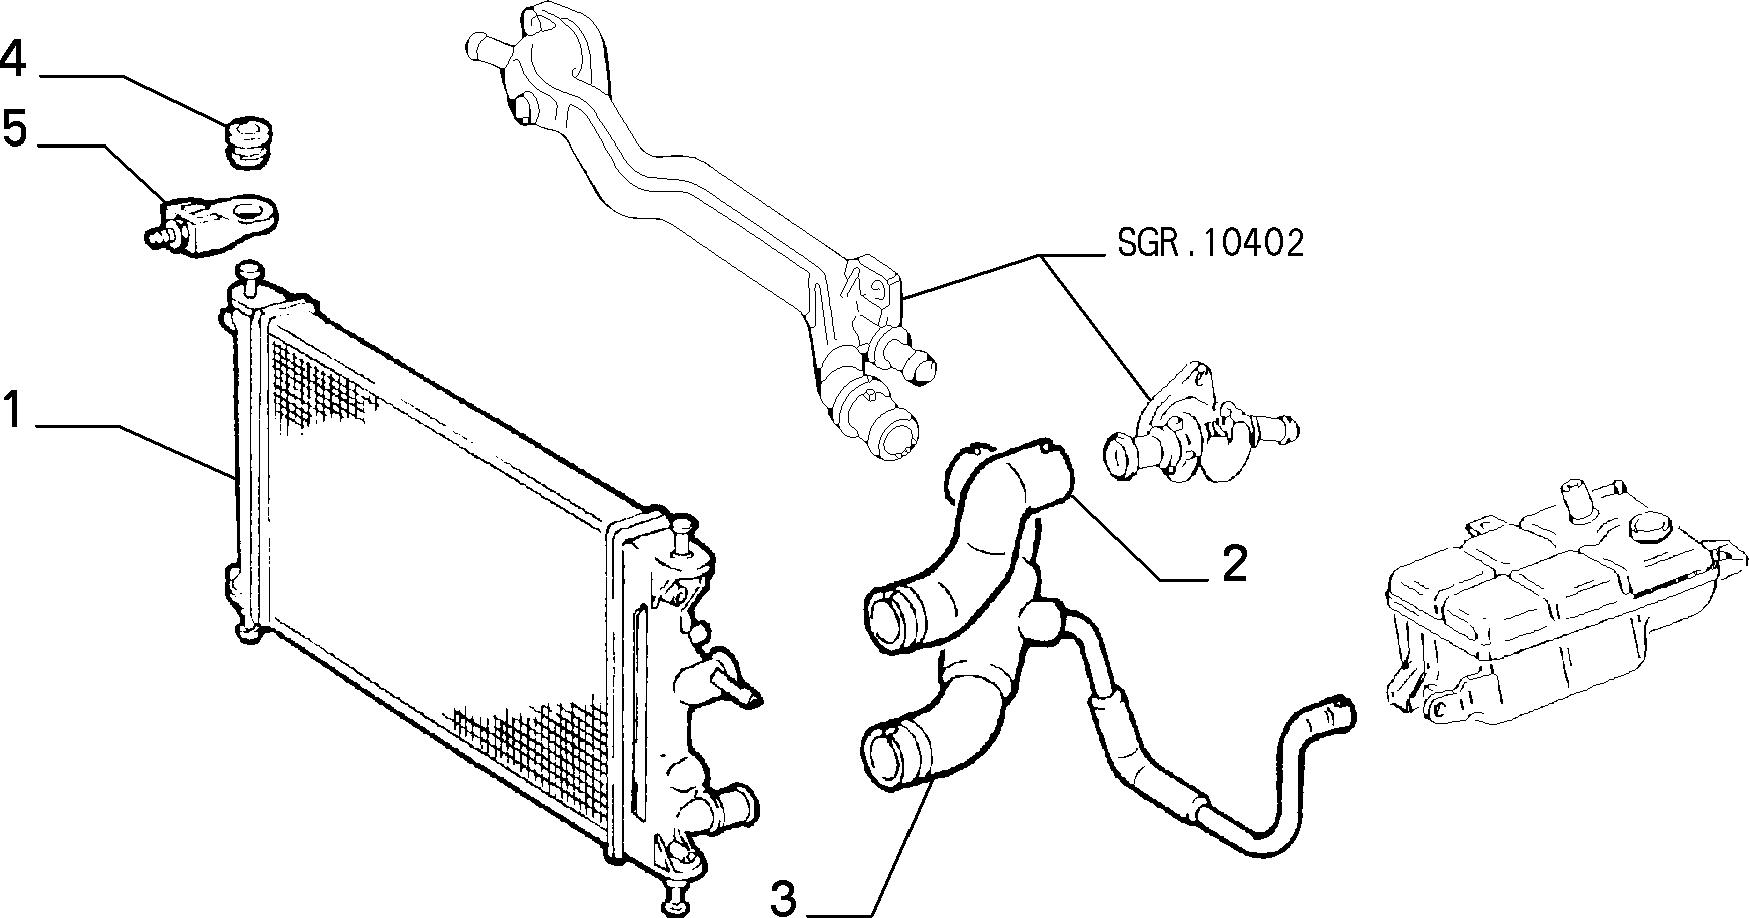 10401/01 РАДИАТОР И ТРУБОПРОВОДЫ